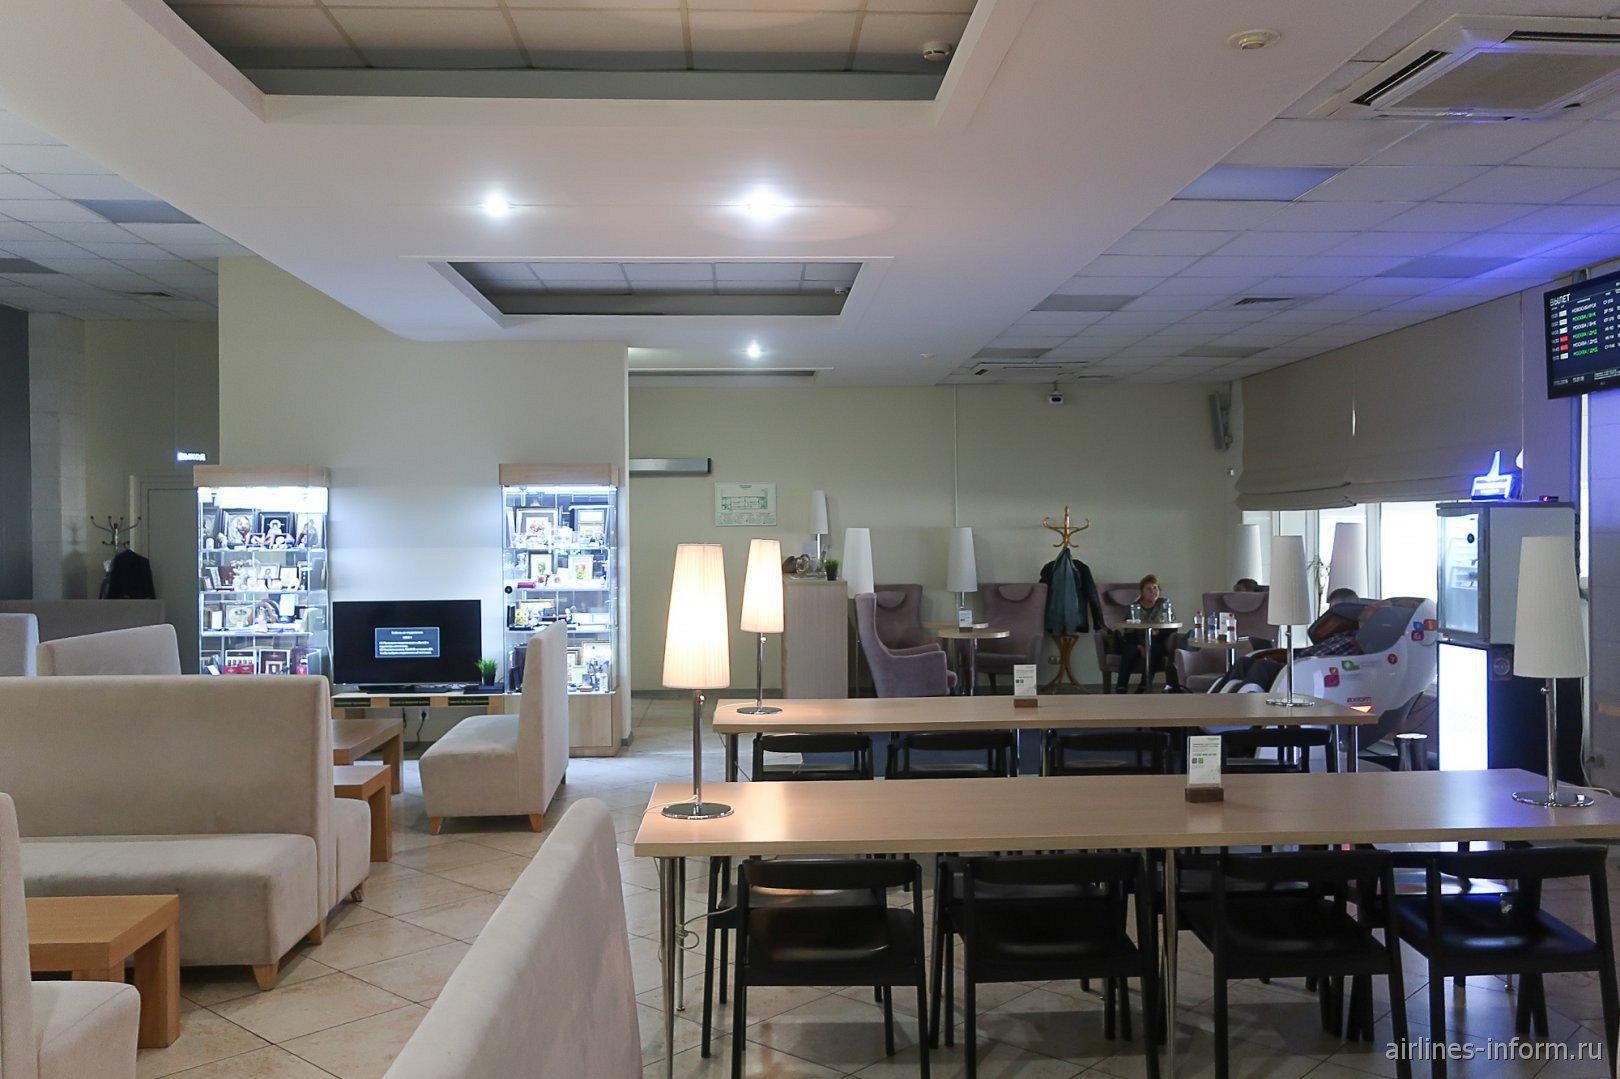 Зал повышенной комфортности в аэропорту Краснодар Пашковский